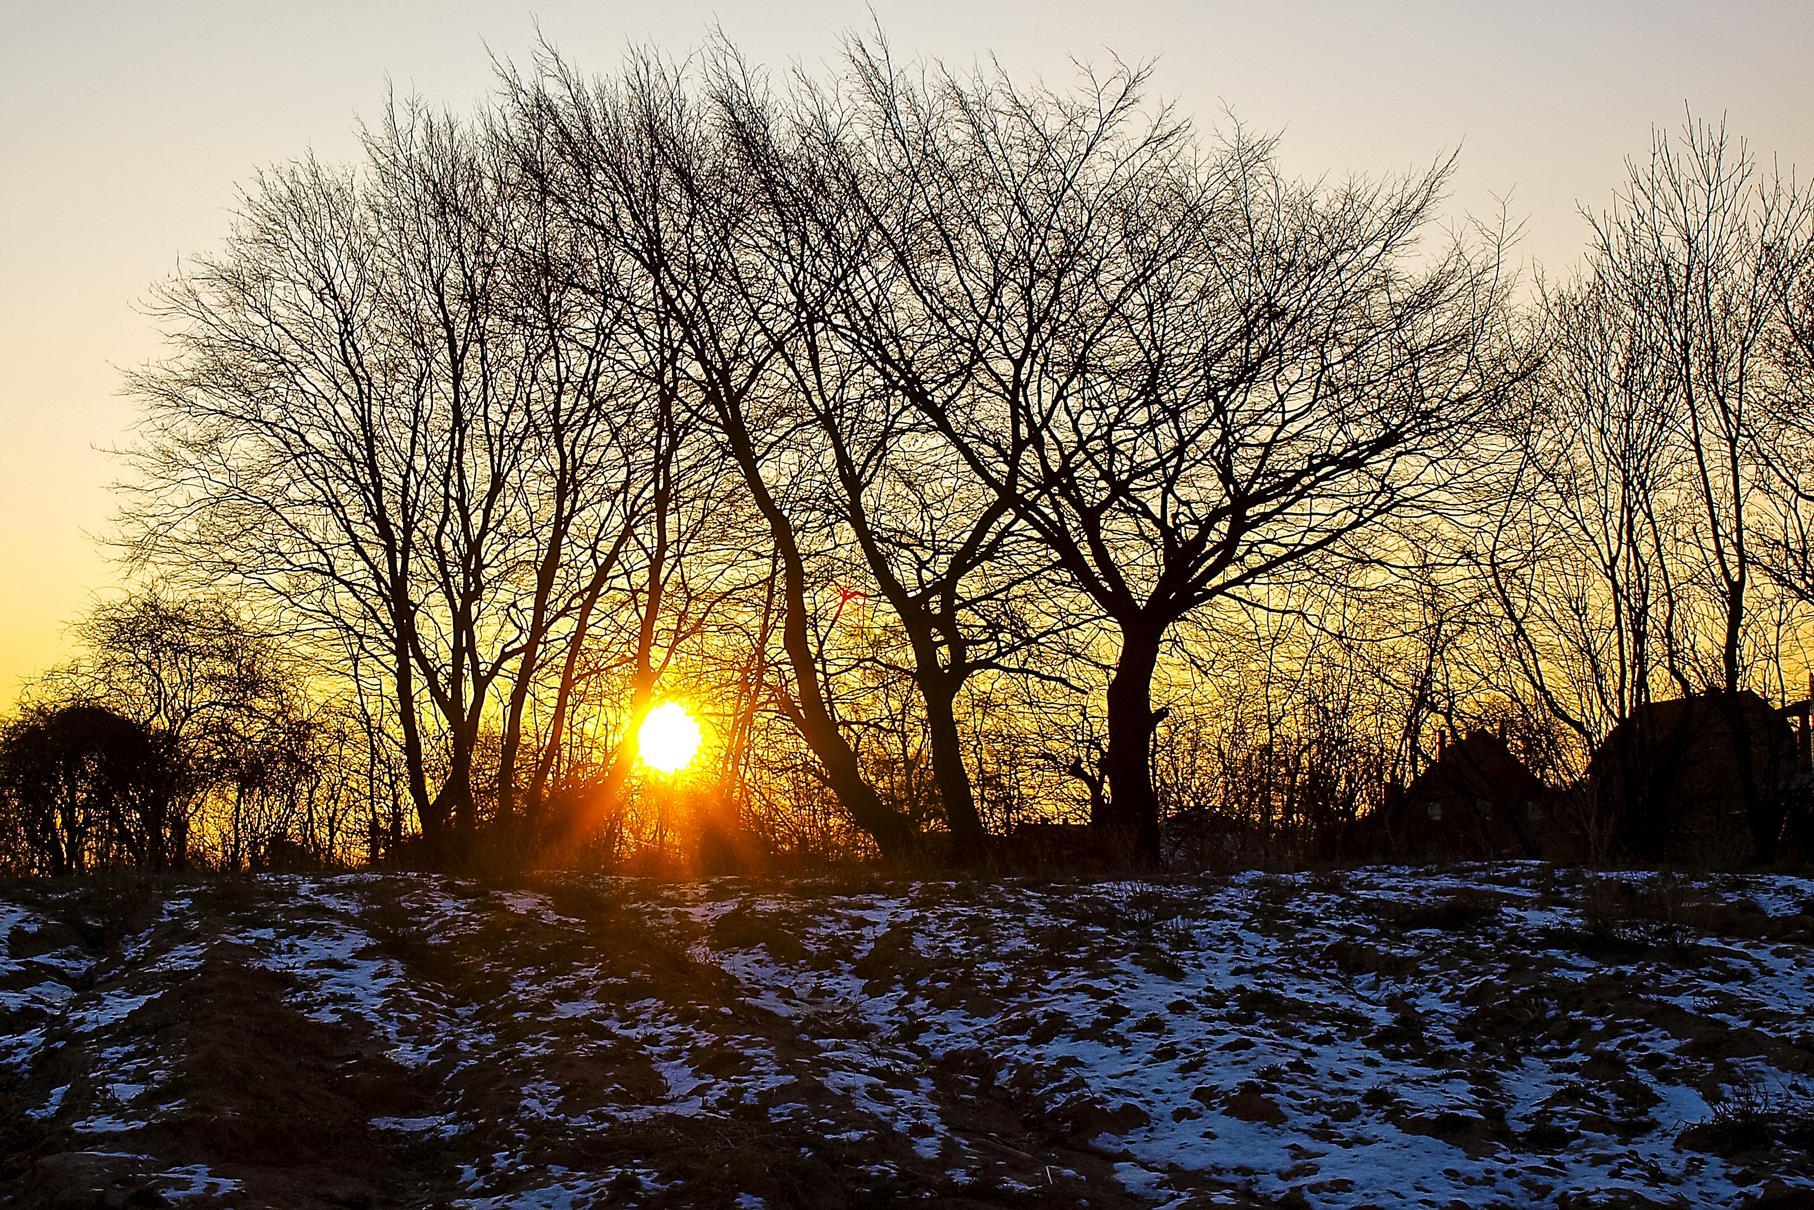 Die Februarsonne scheint durch die noch unbelaubten Laubbäume am Rundweg.